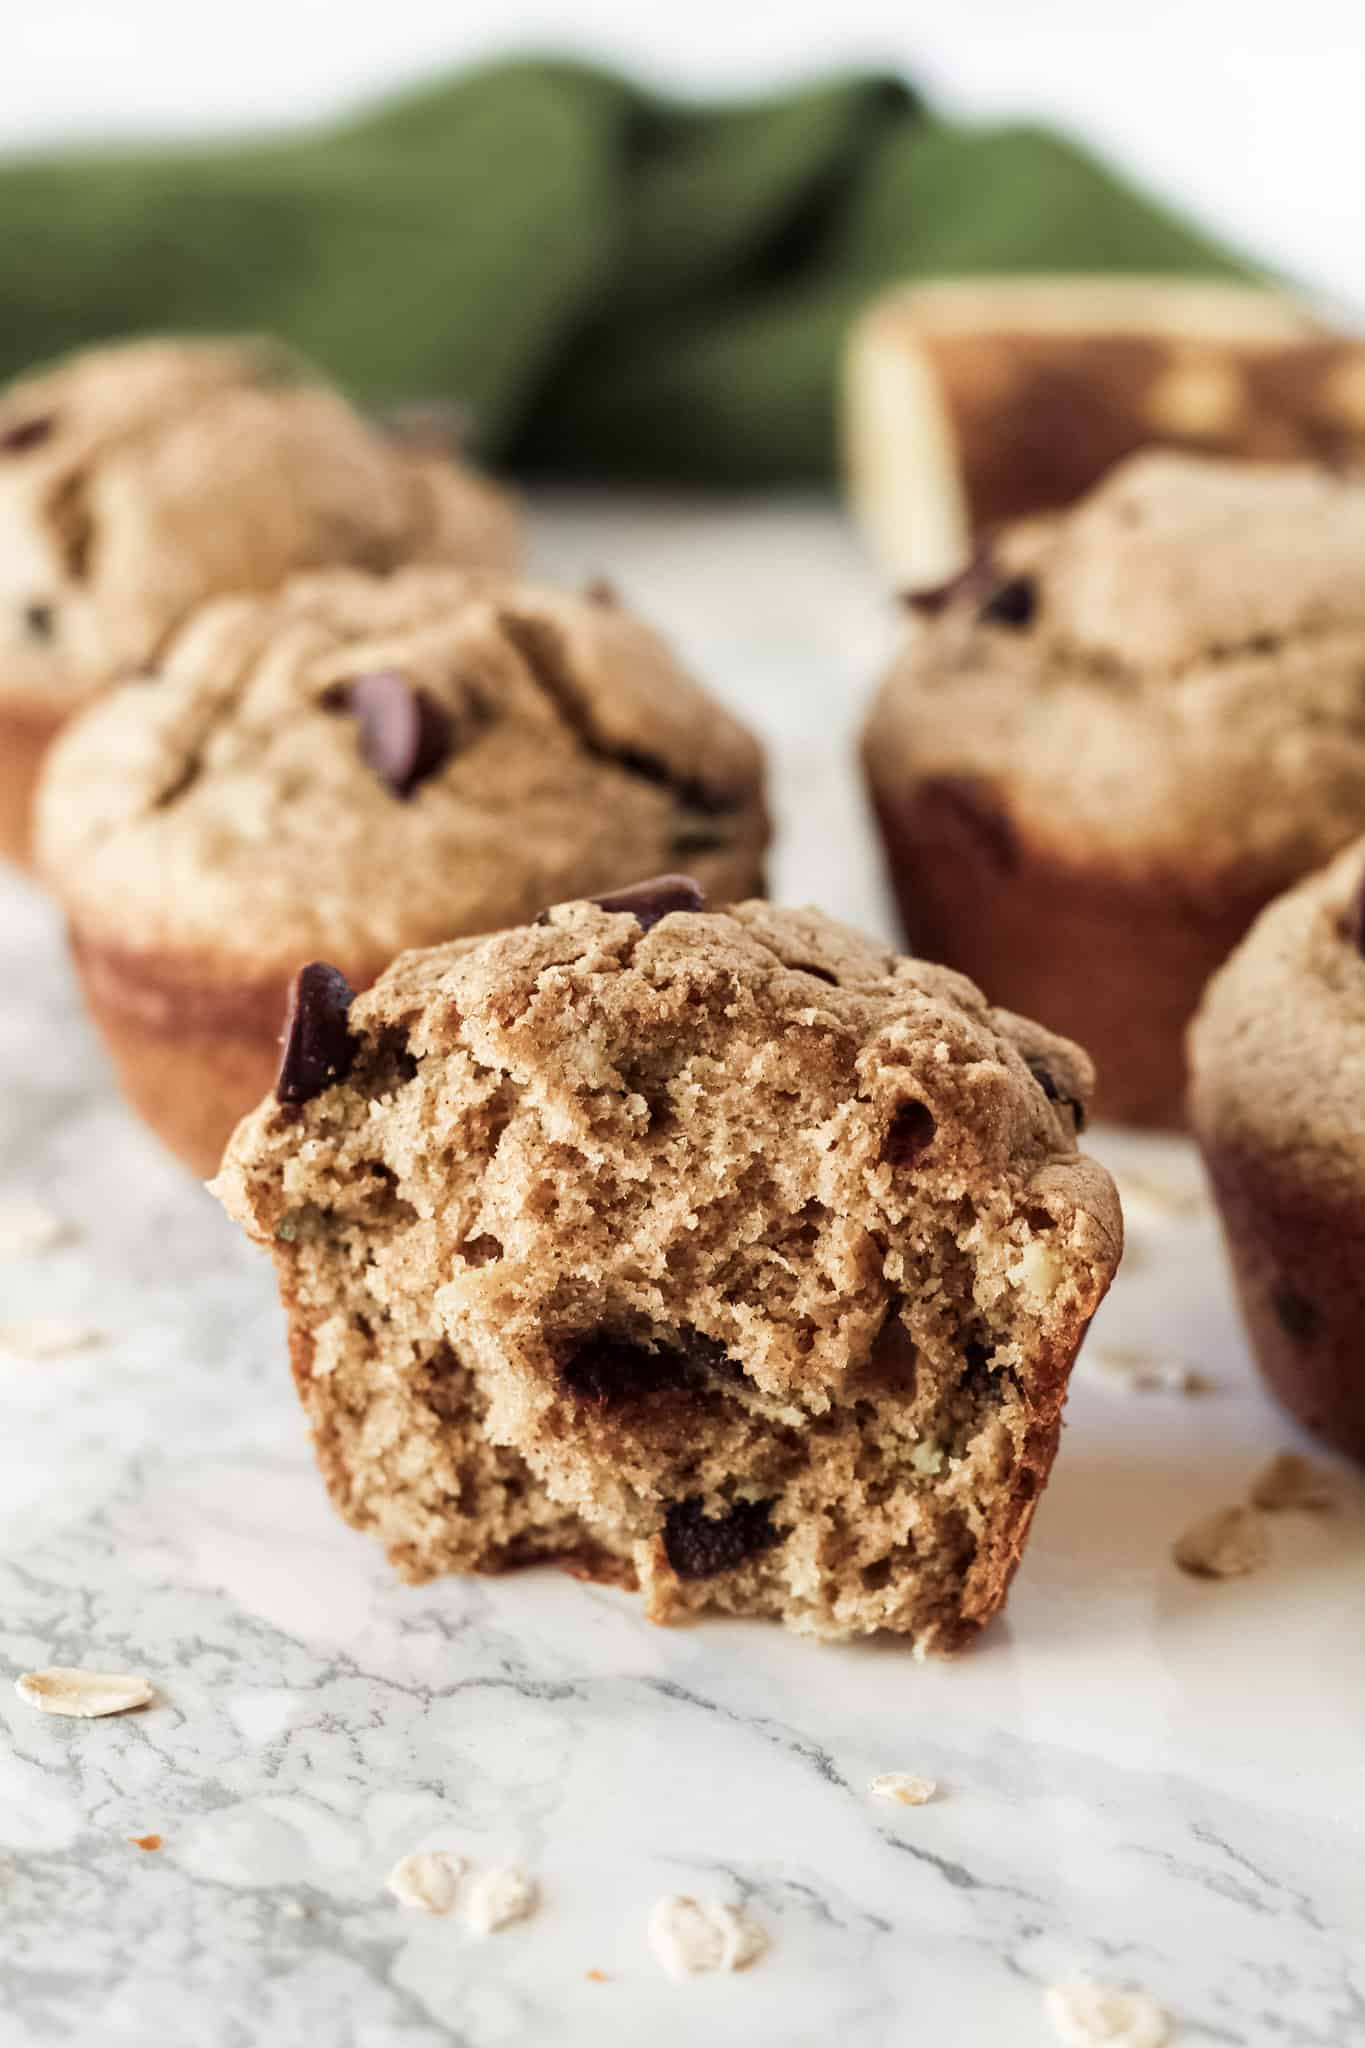 One muffin cut in half